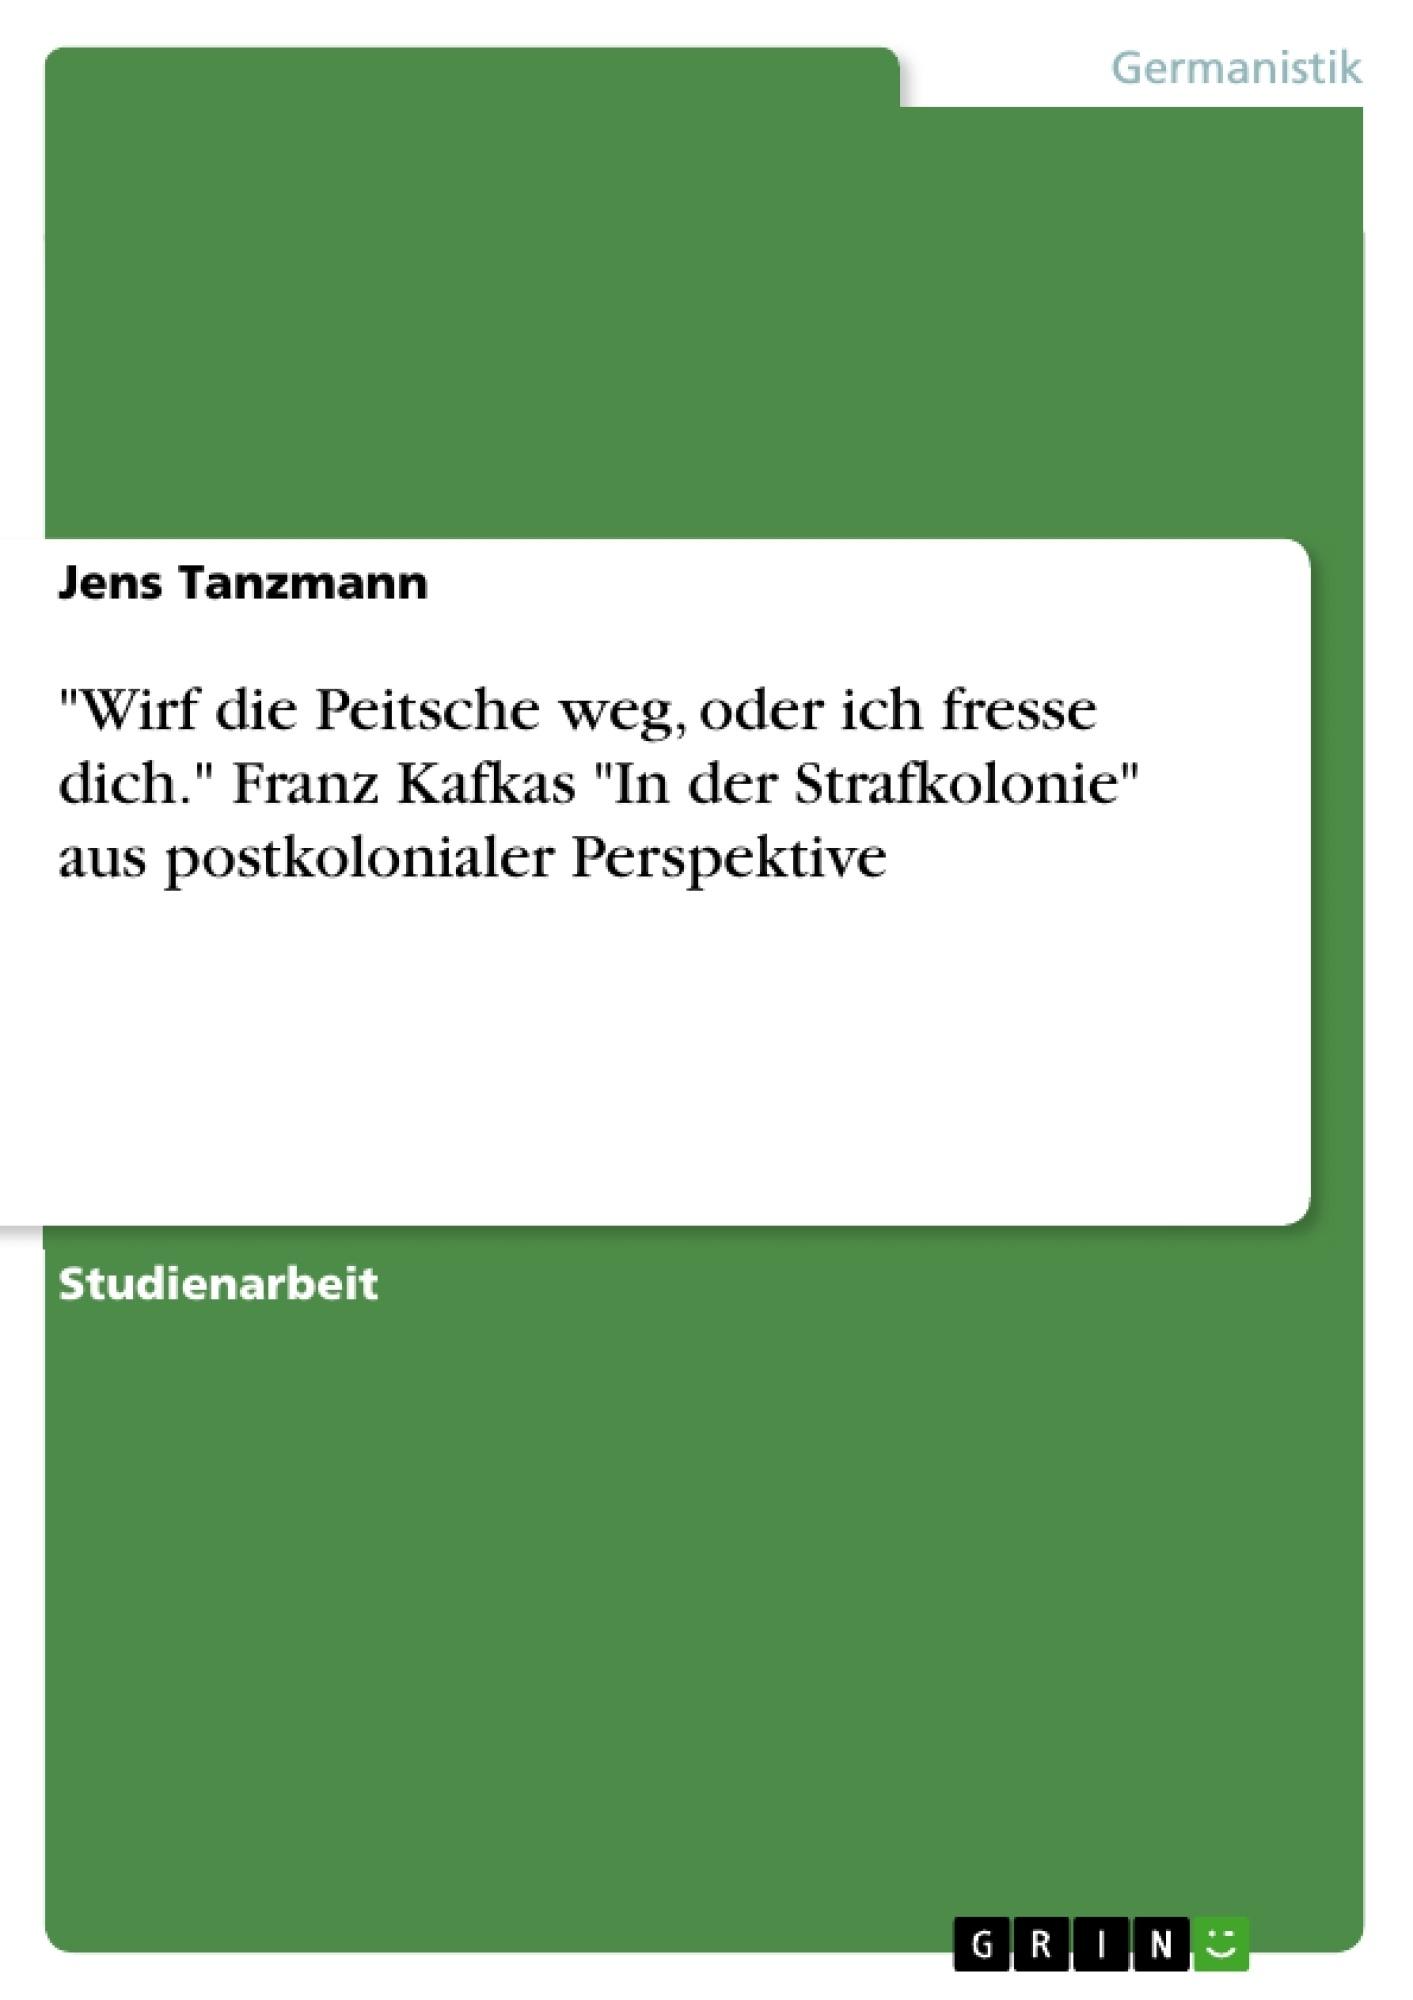 """Titel: """"Wirf die Peitsche weg, oder ich fresse dich."""" Franz Kafkas """"In der Strafkolonie"""" aus postkolonialer Perspektive"""